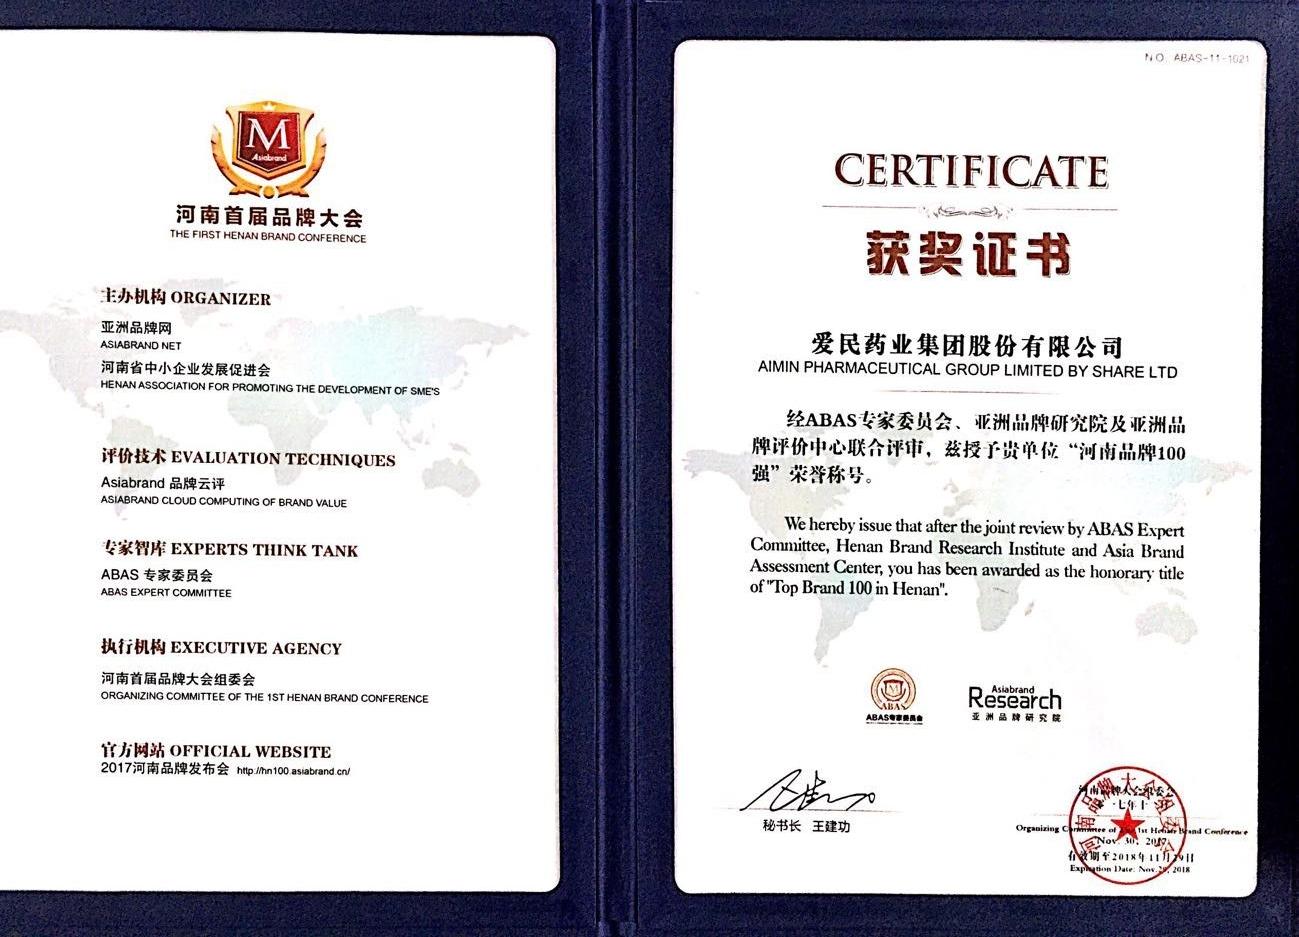 河南品牌100强荣誉证书